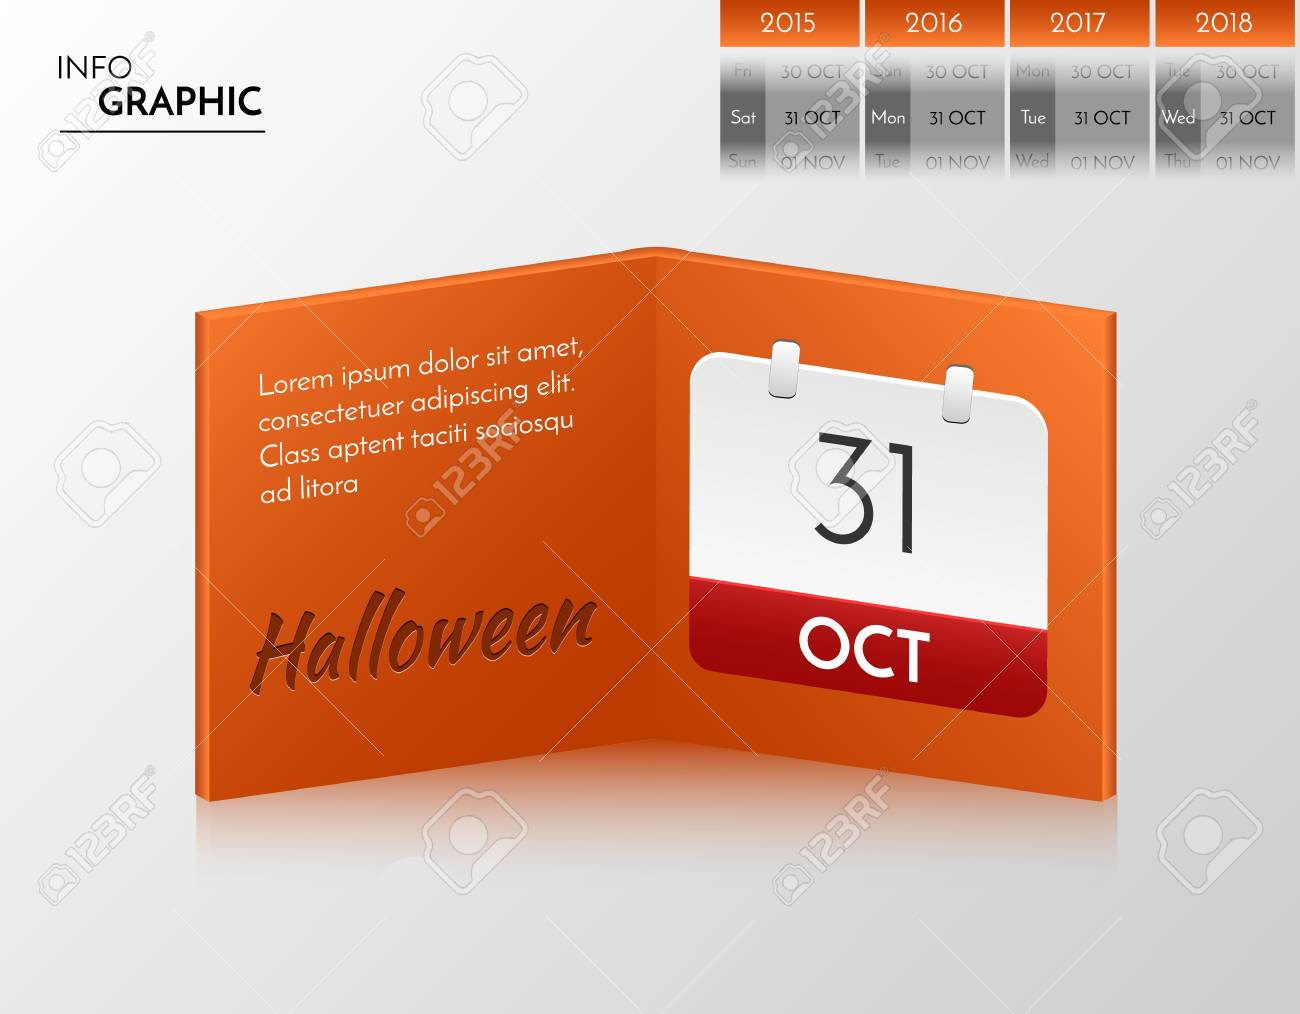 Banniere Orange Pour Vos Propres Creations Livre D Infographie Avec Design Halloween